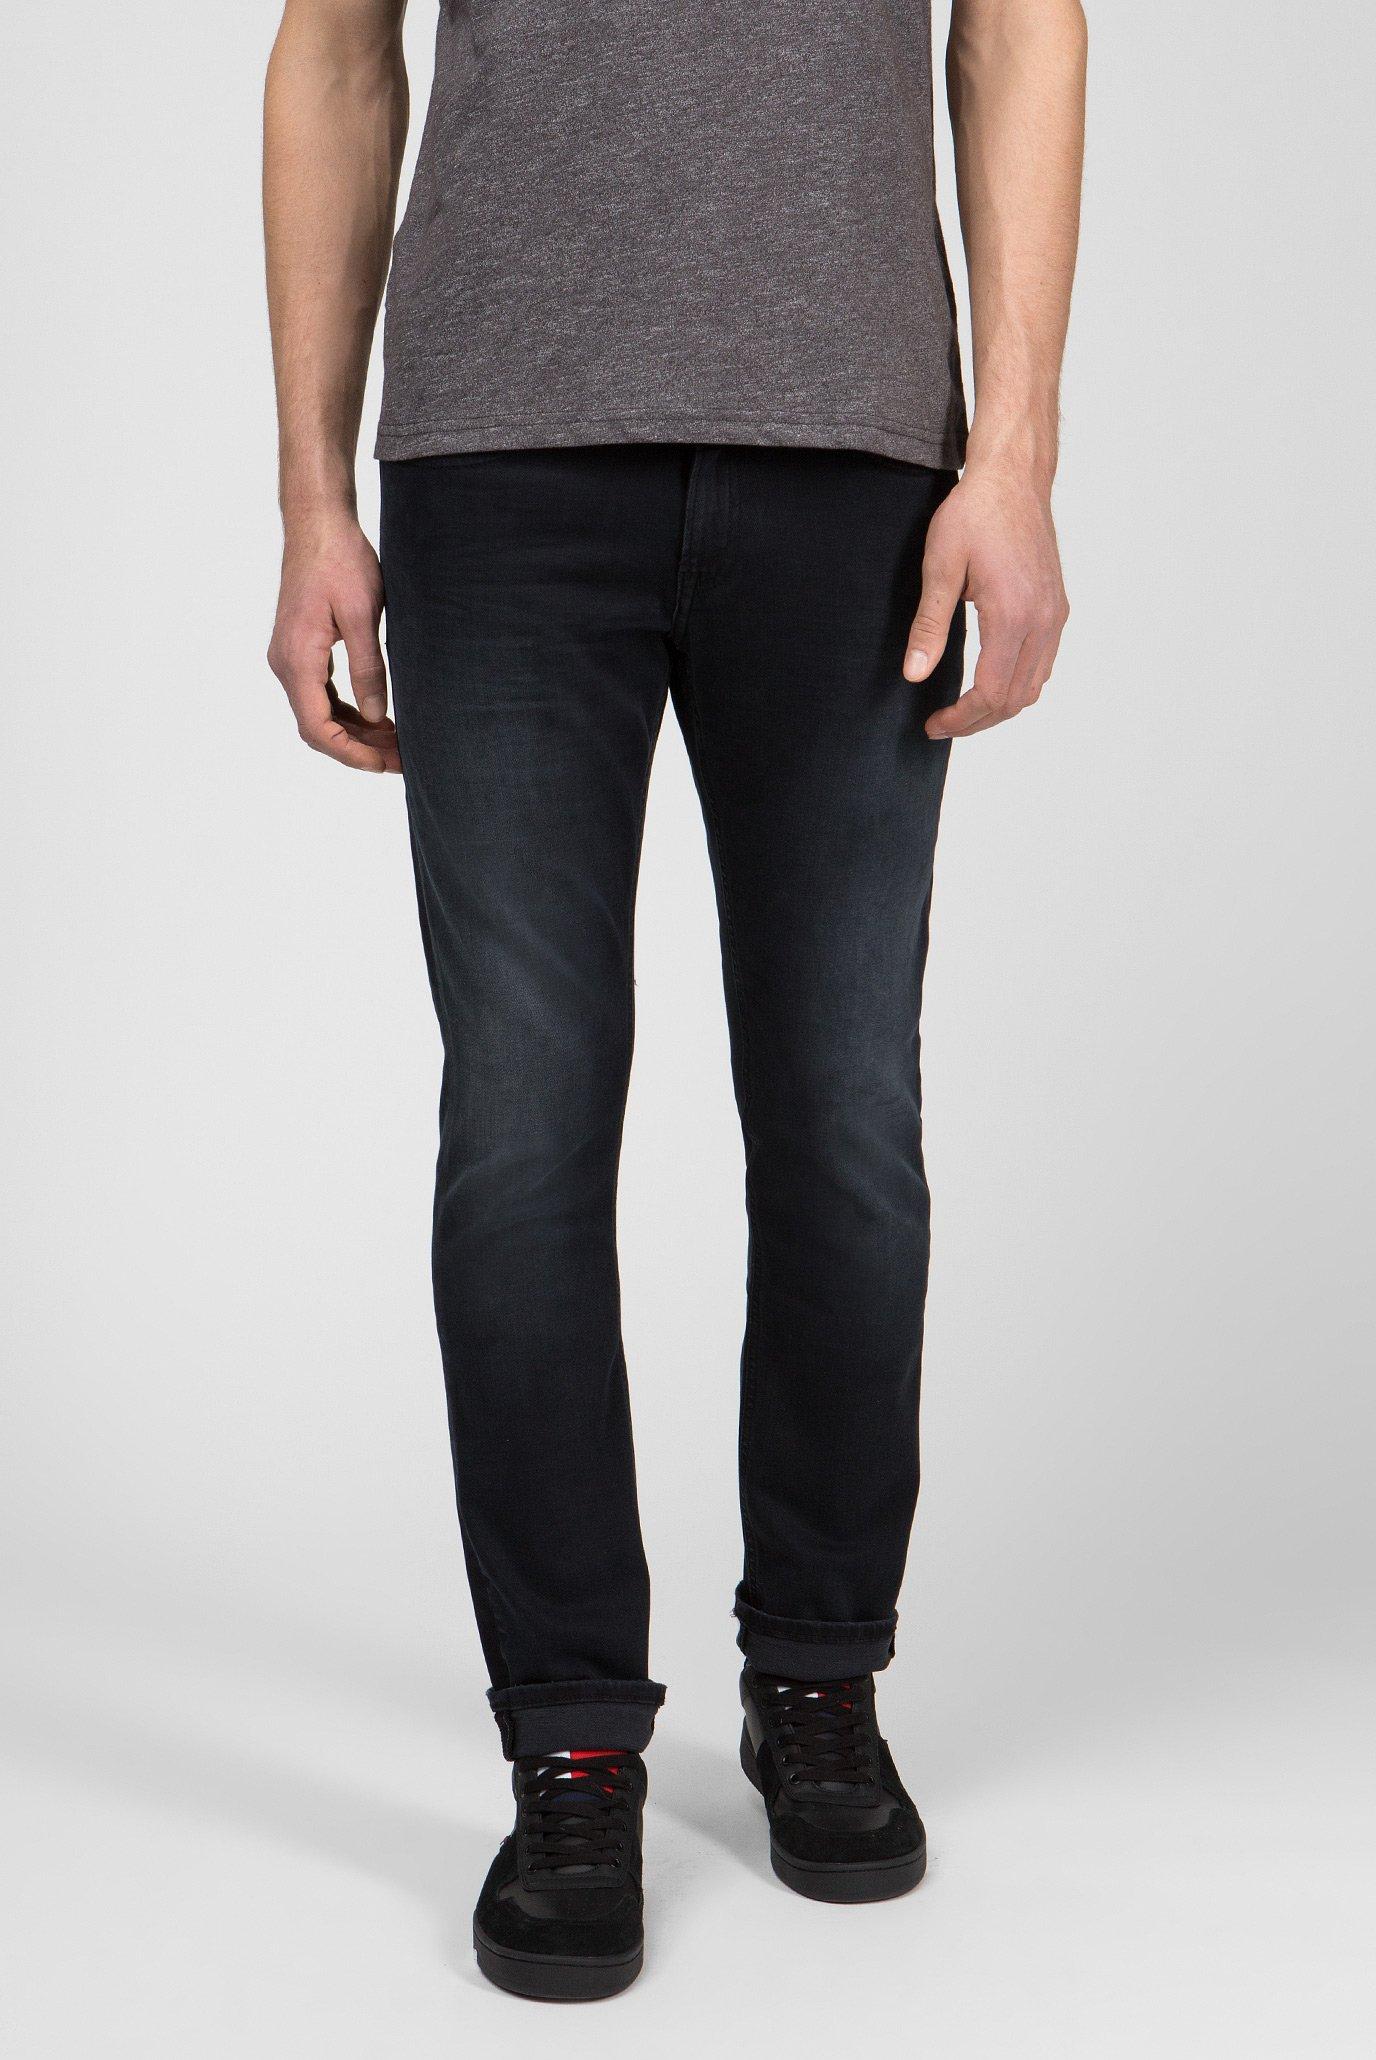 Купить Мужские черные джинсы SLIM SCANTON Tommy Hilfiger Tommy Hilfiger DM0DM04932 – Киев, Украина. Цены в интернет магазине MD Fashion